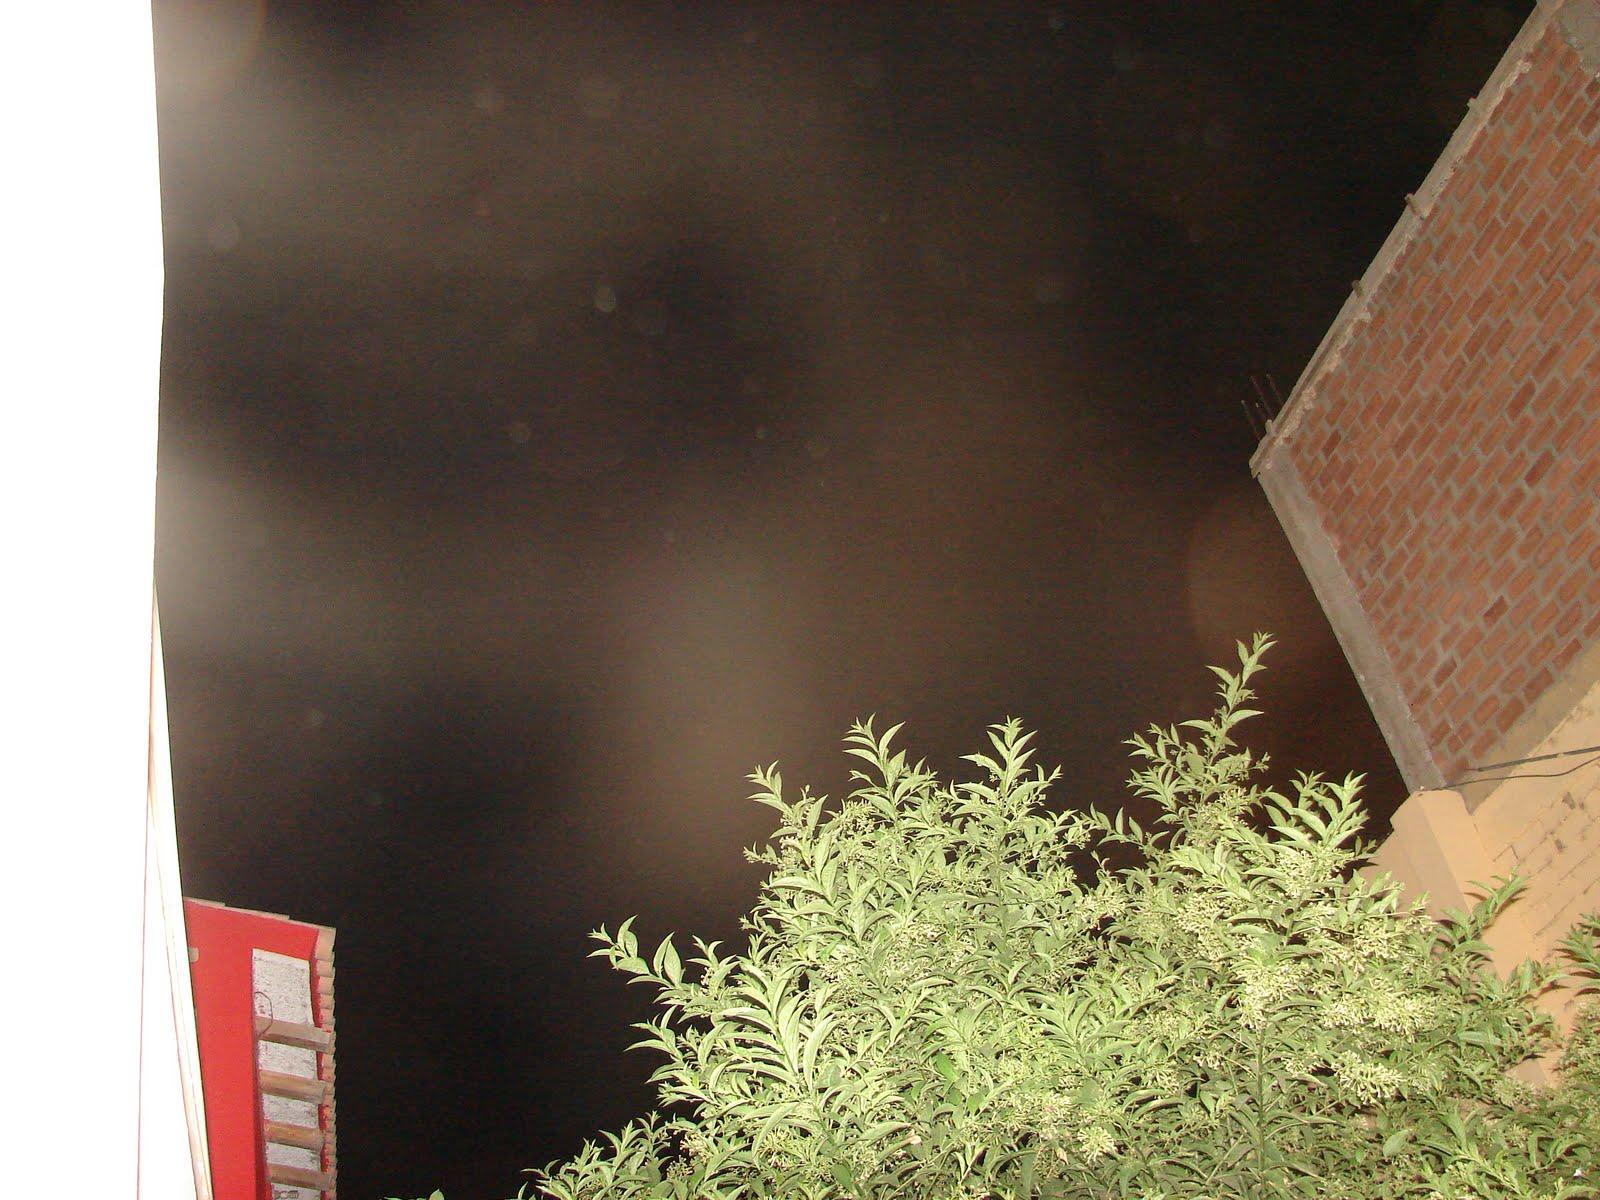 17, febrero,18,Ultimos Espectaculares Avistamientos Aliens,otro fenotipo,fotos x Rodolfo Trujillo D